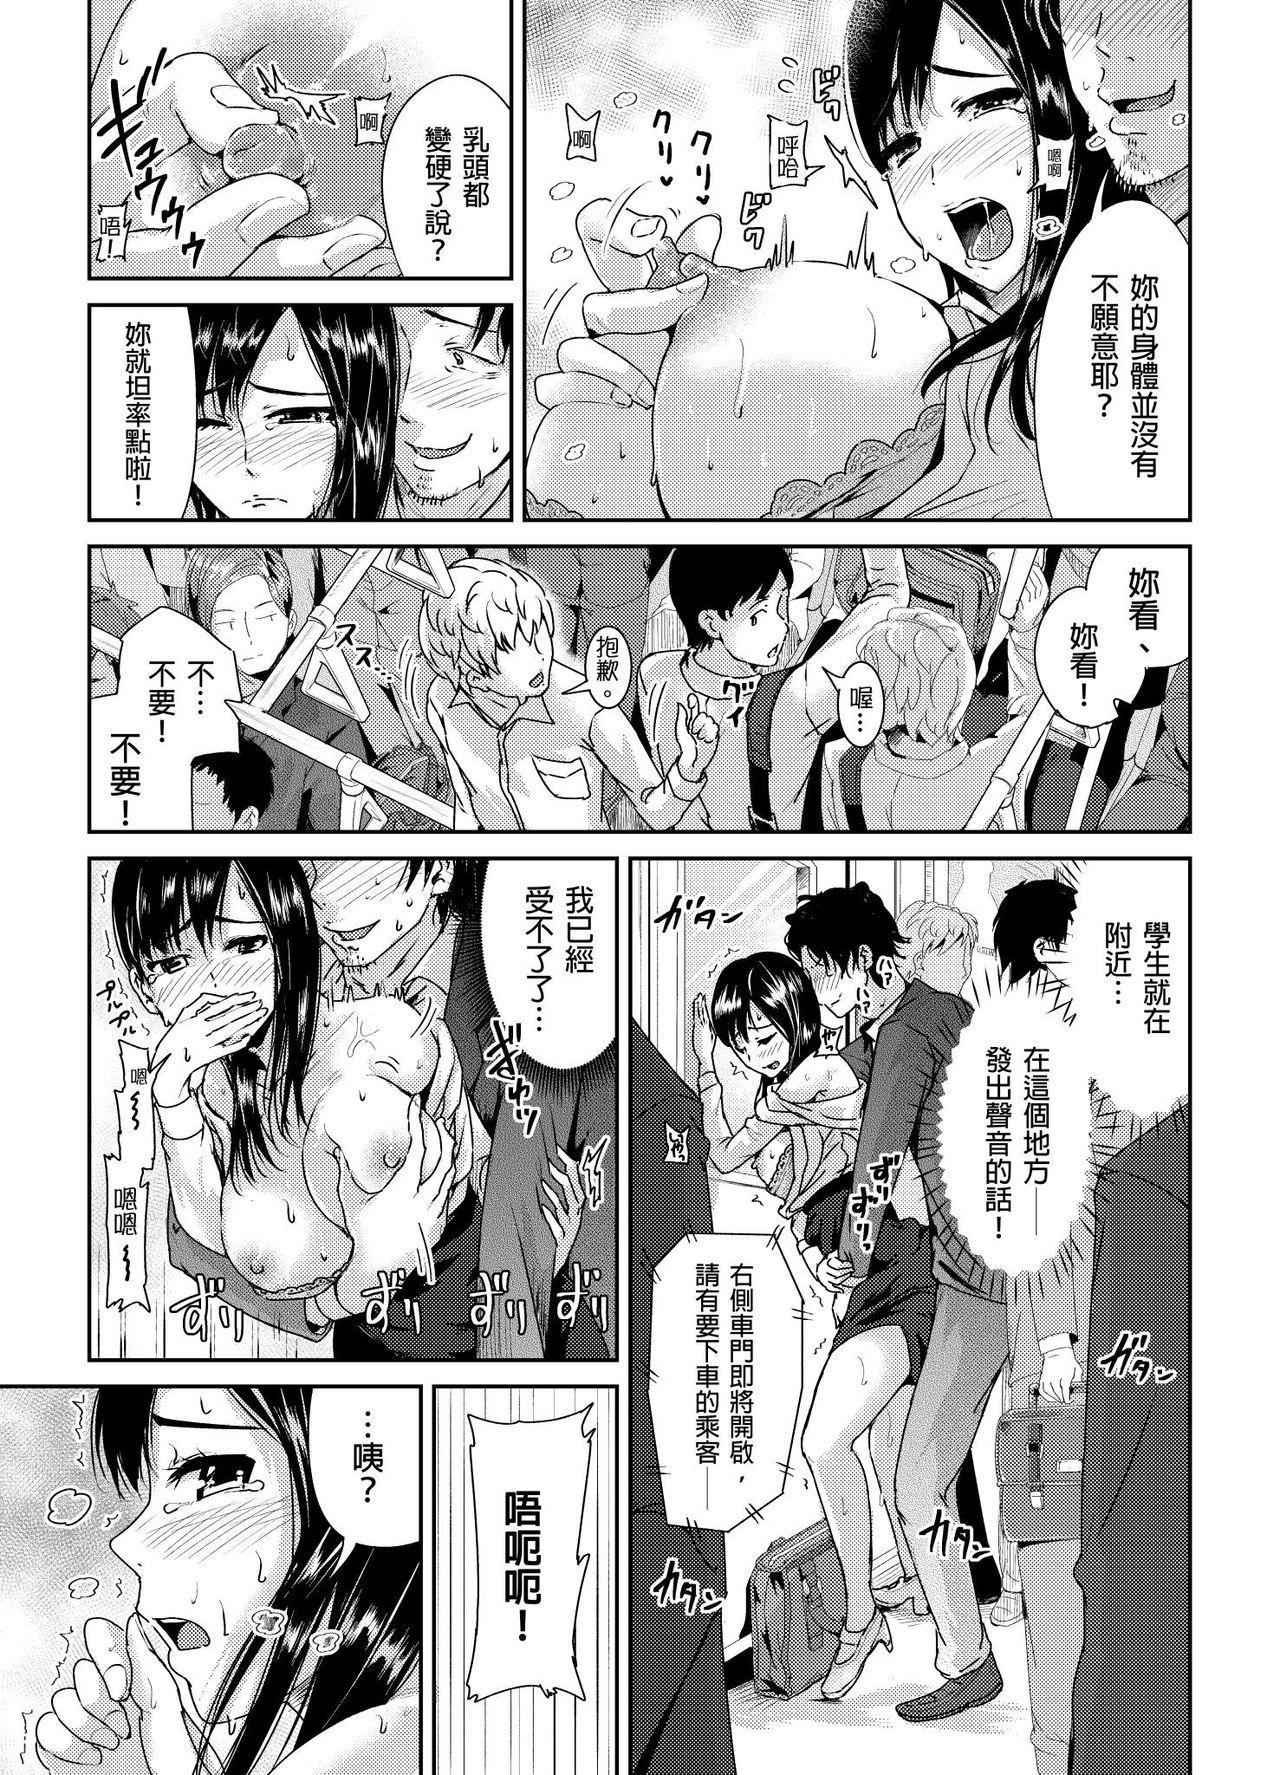 Shuudan Chikan ni Kakomarete Ganimata Iki Suru Onna Kyoushi Ch. 1 12